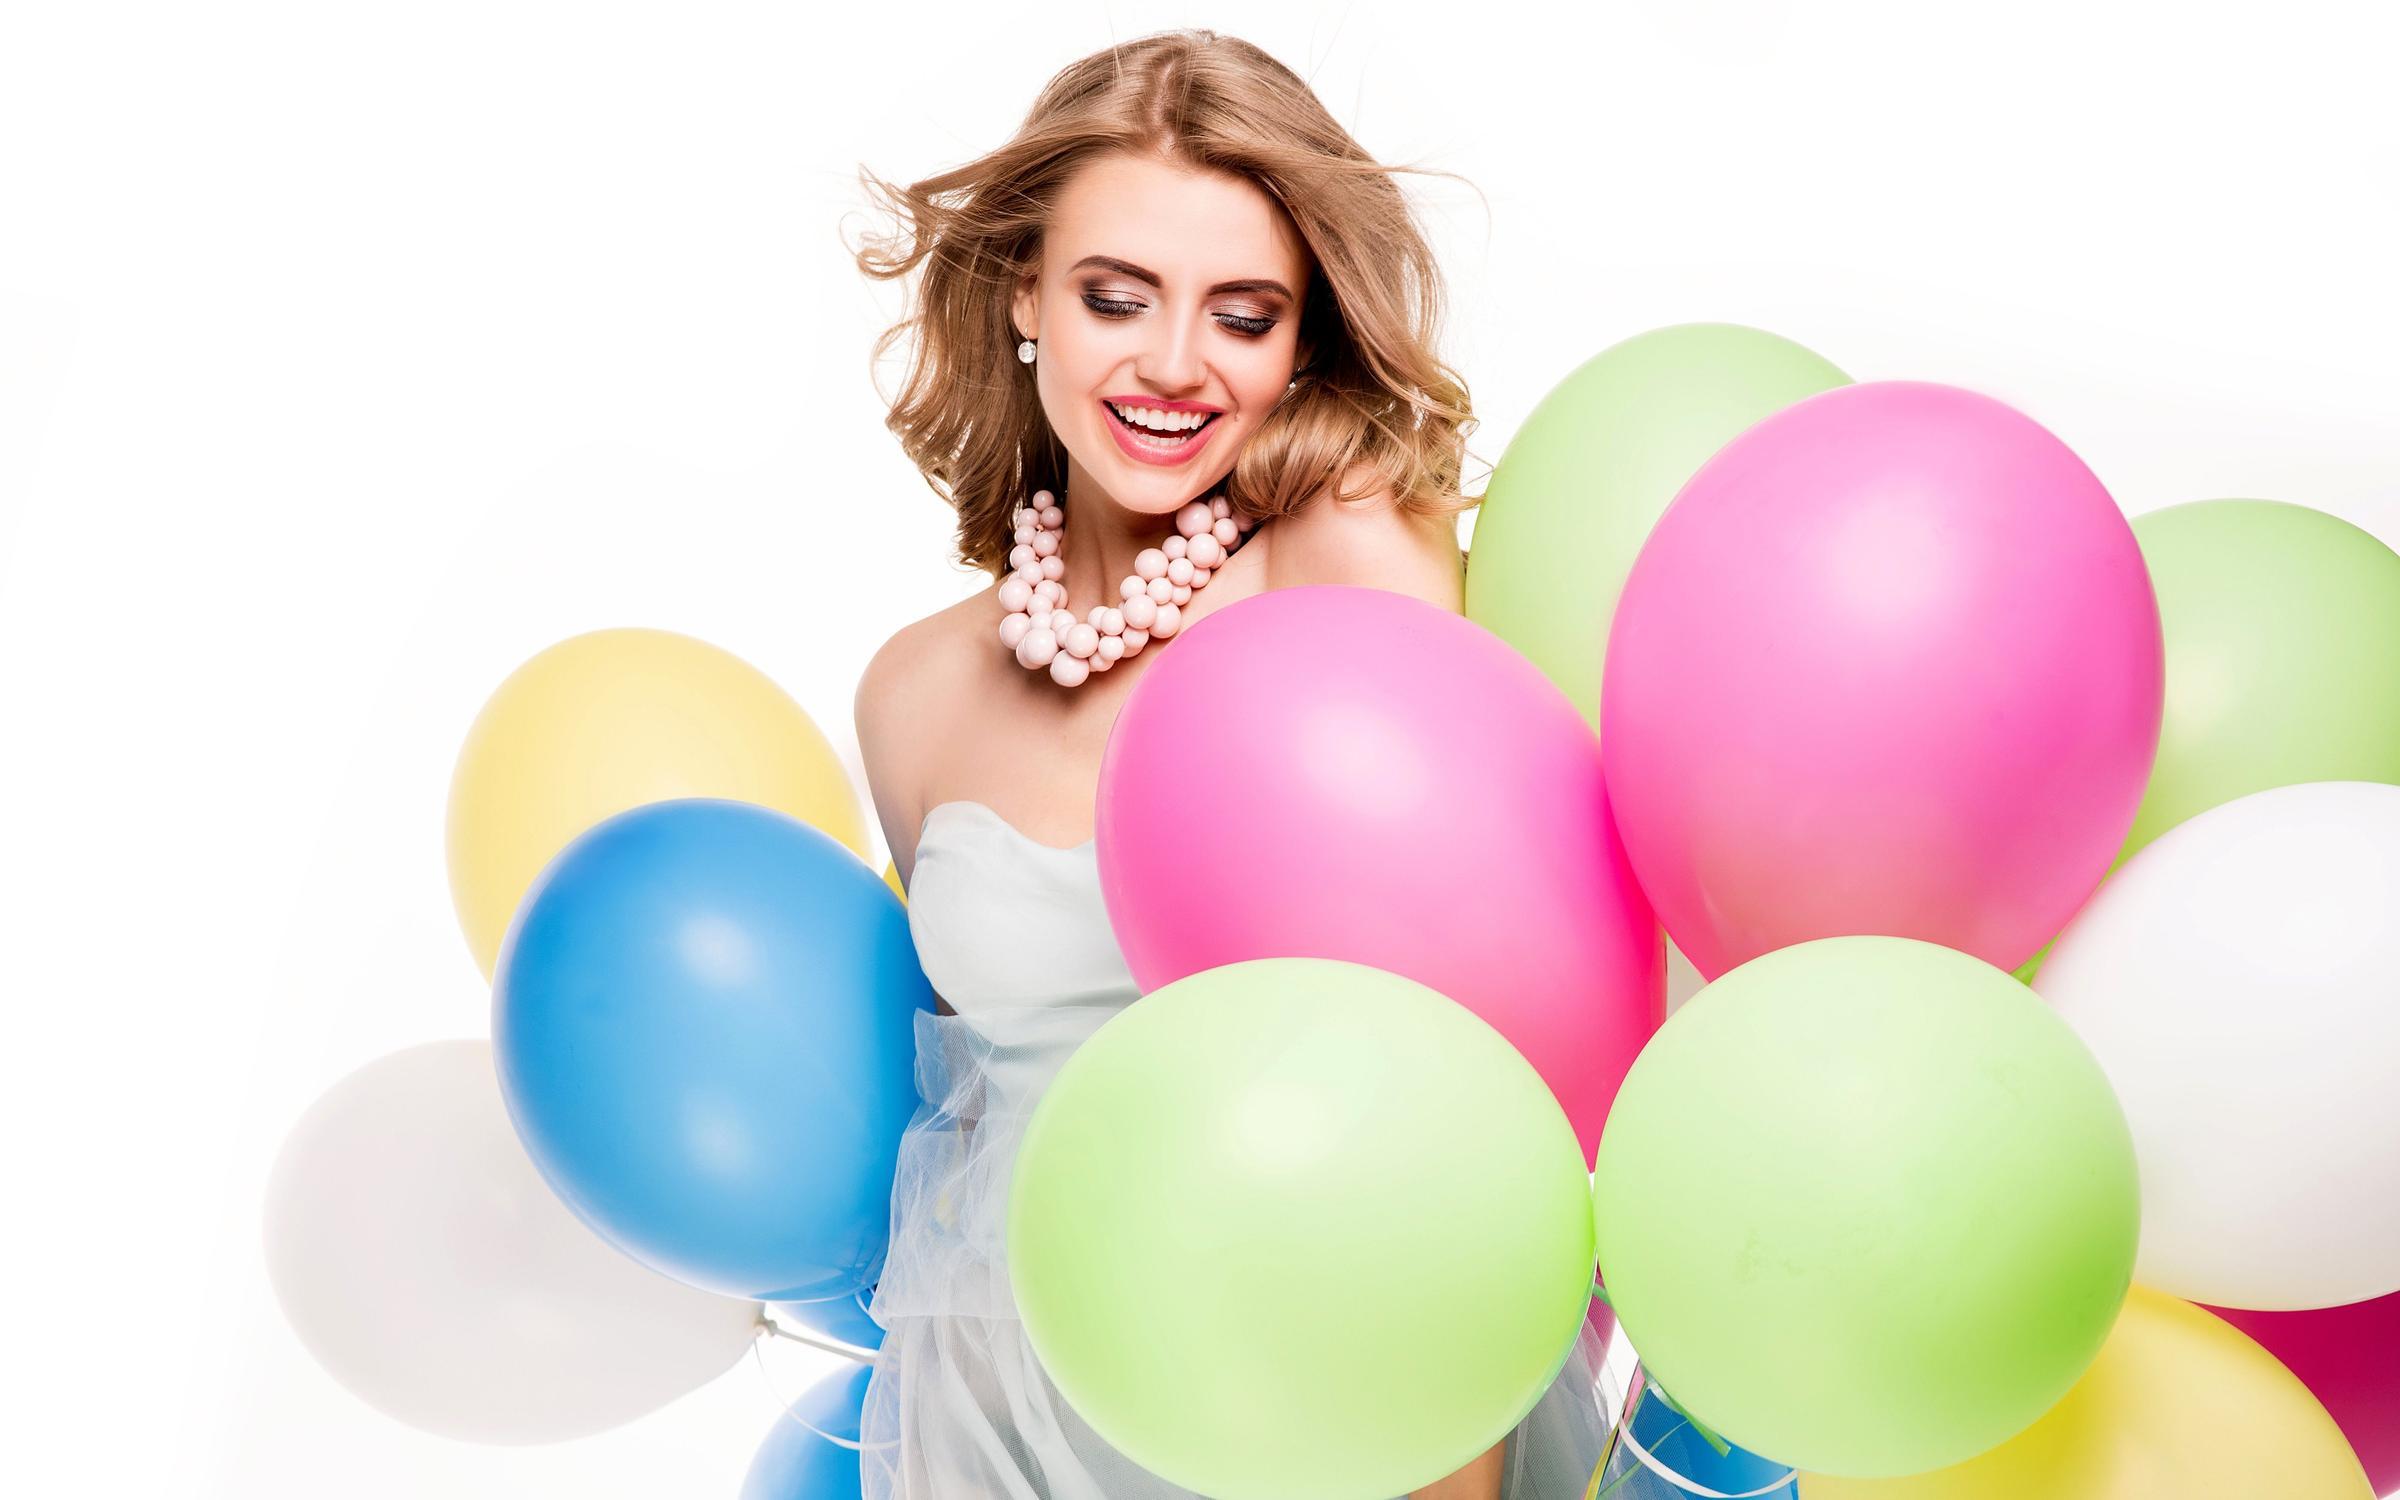 поздравление с днем рождения женщину